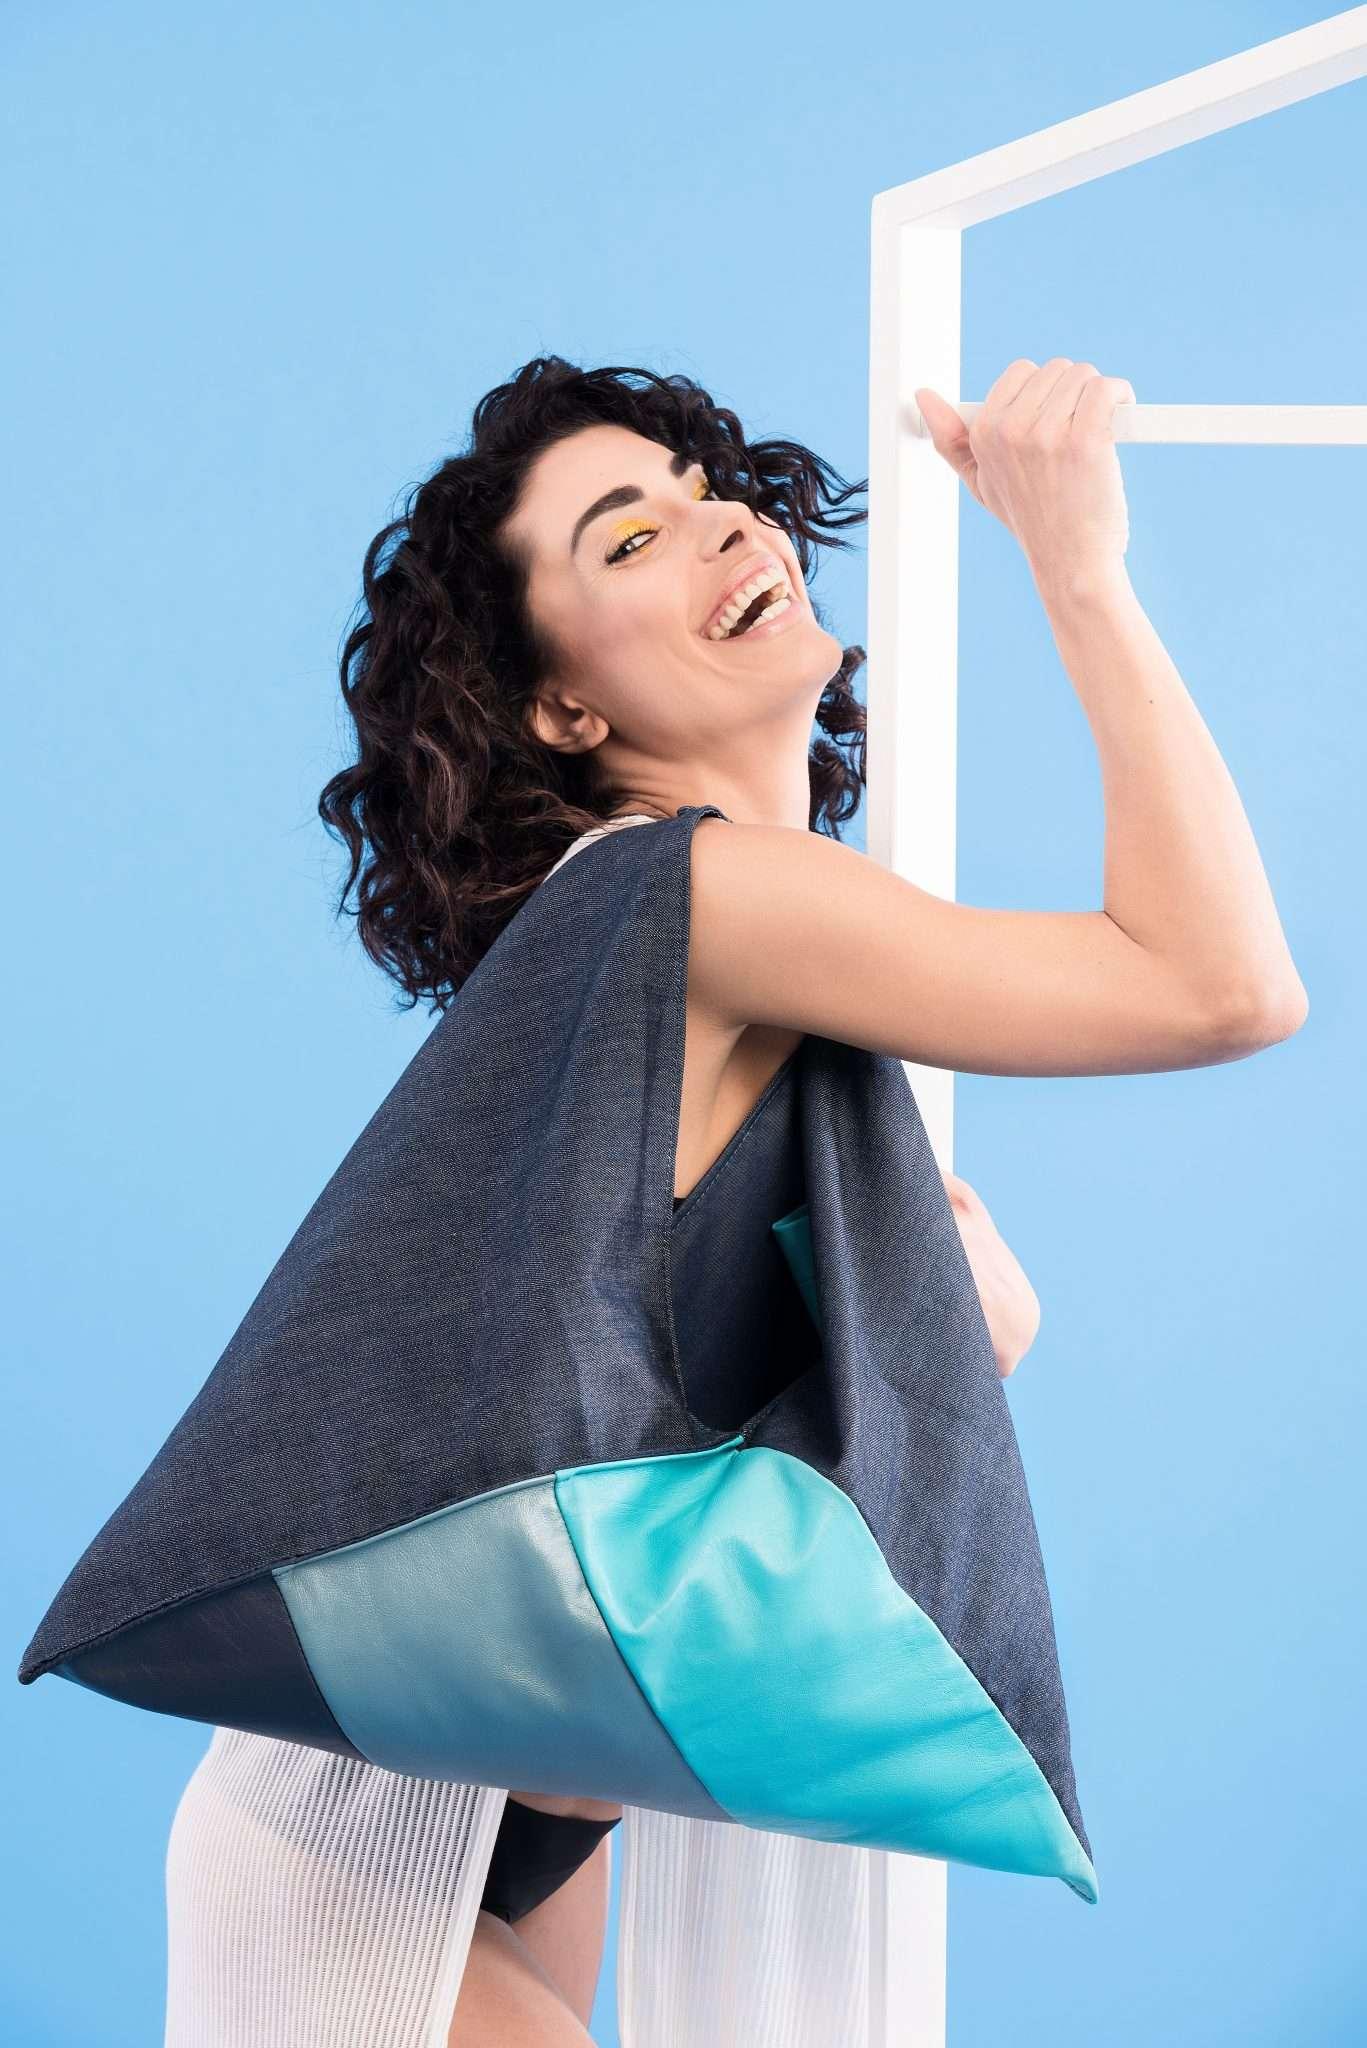 Fotografia ritratto modella con borsa realizzata da Barbara Trincone, fashion photographer con studio a Pozzuoli Napoli che offre servizi fotografici di moda, book per modelli e attori, ritratti glamour, fitness